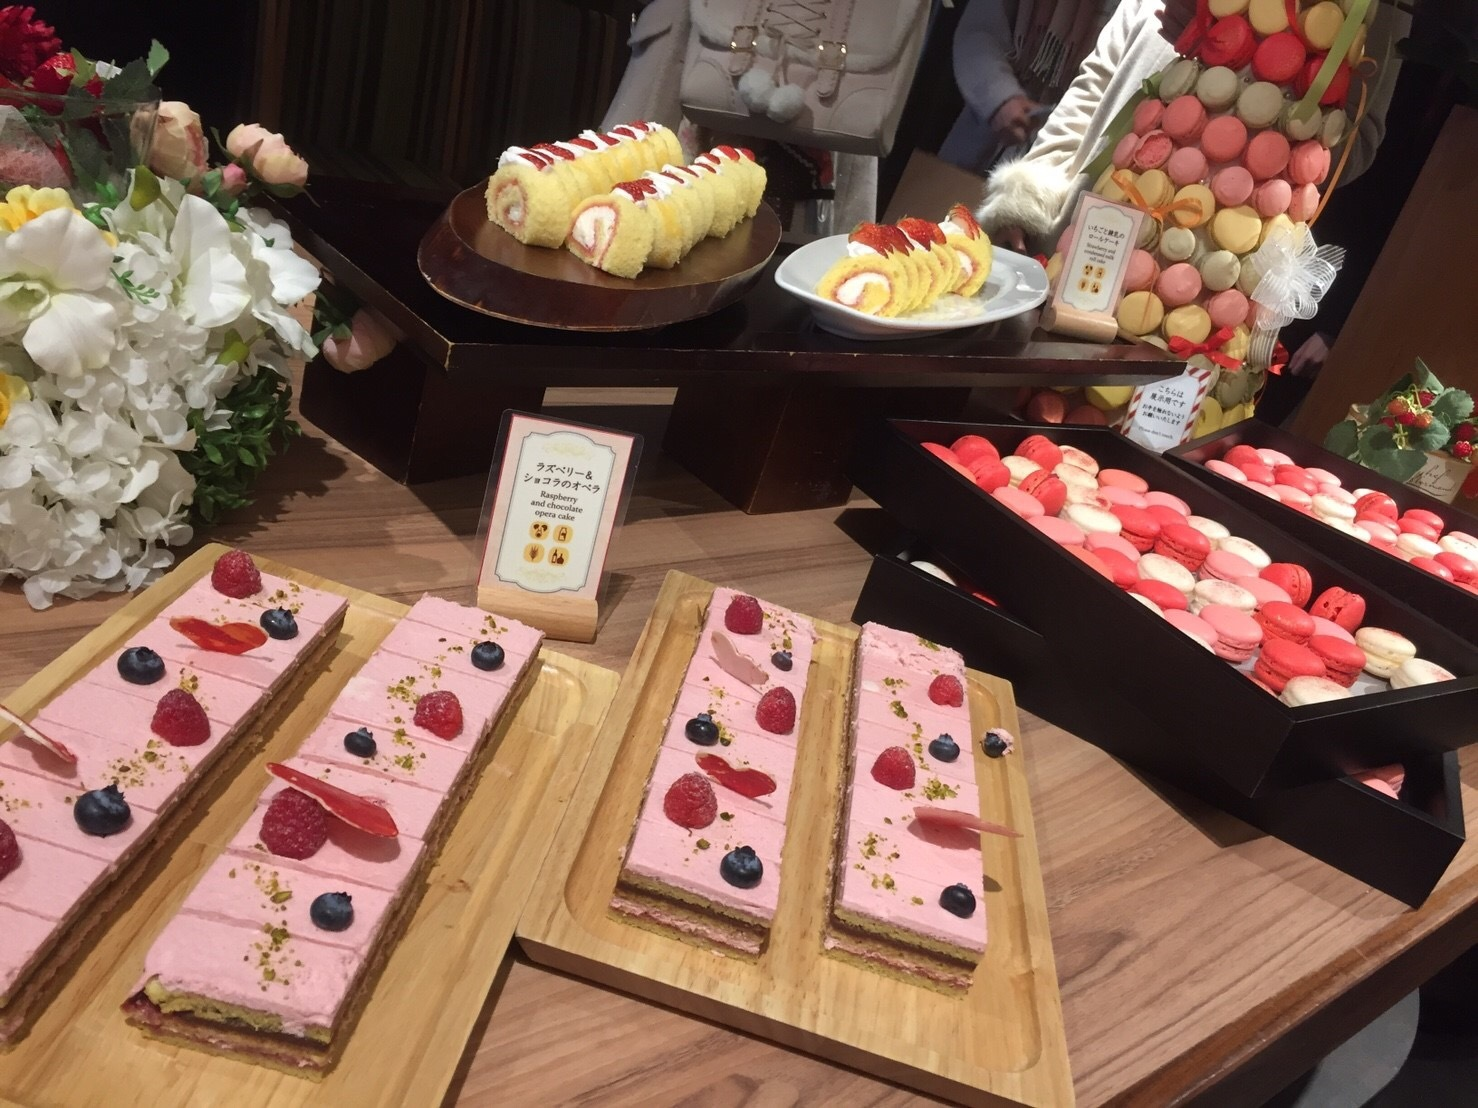 スイーツ好き必見!京都タワーホテル Berry sweets buffet ♡_1_2